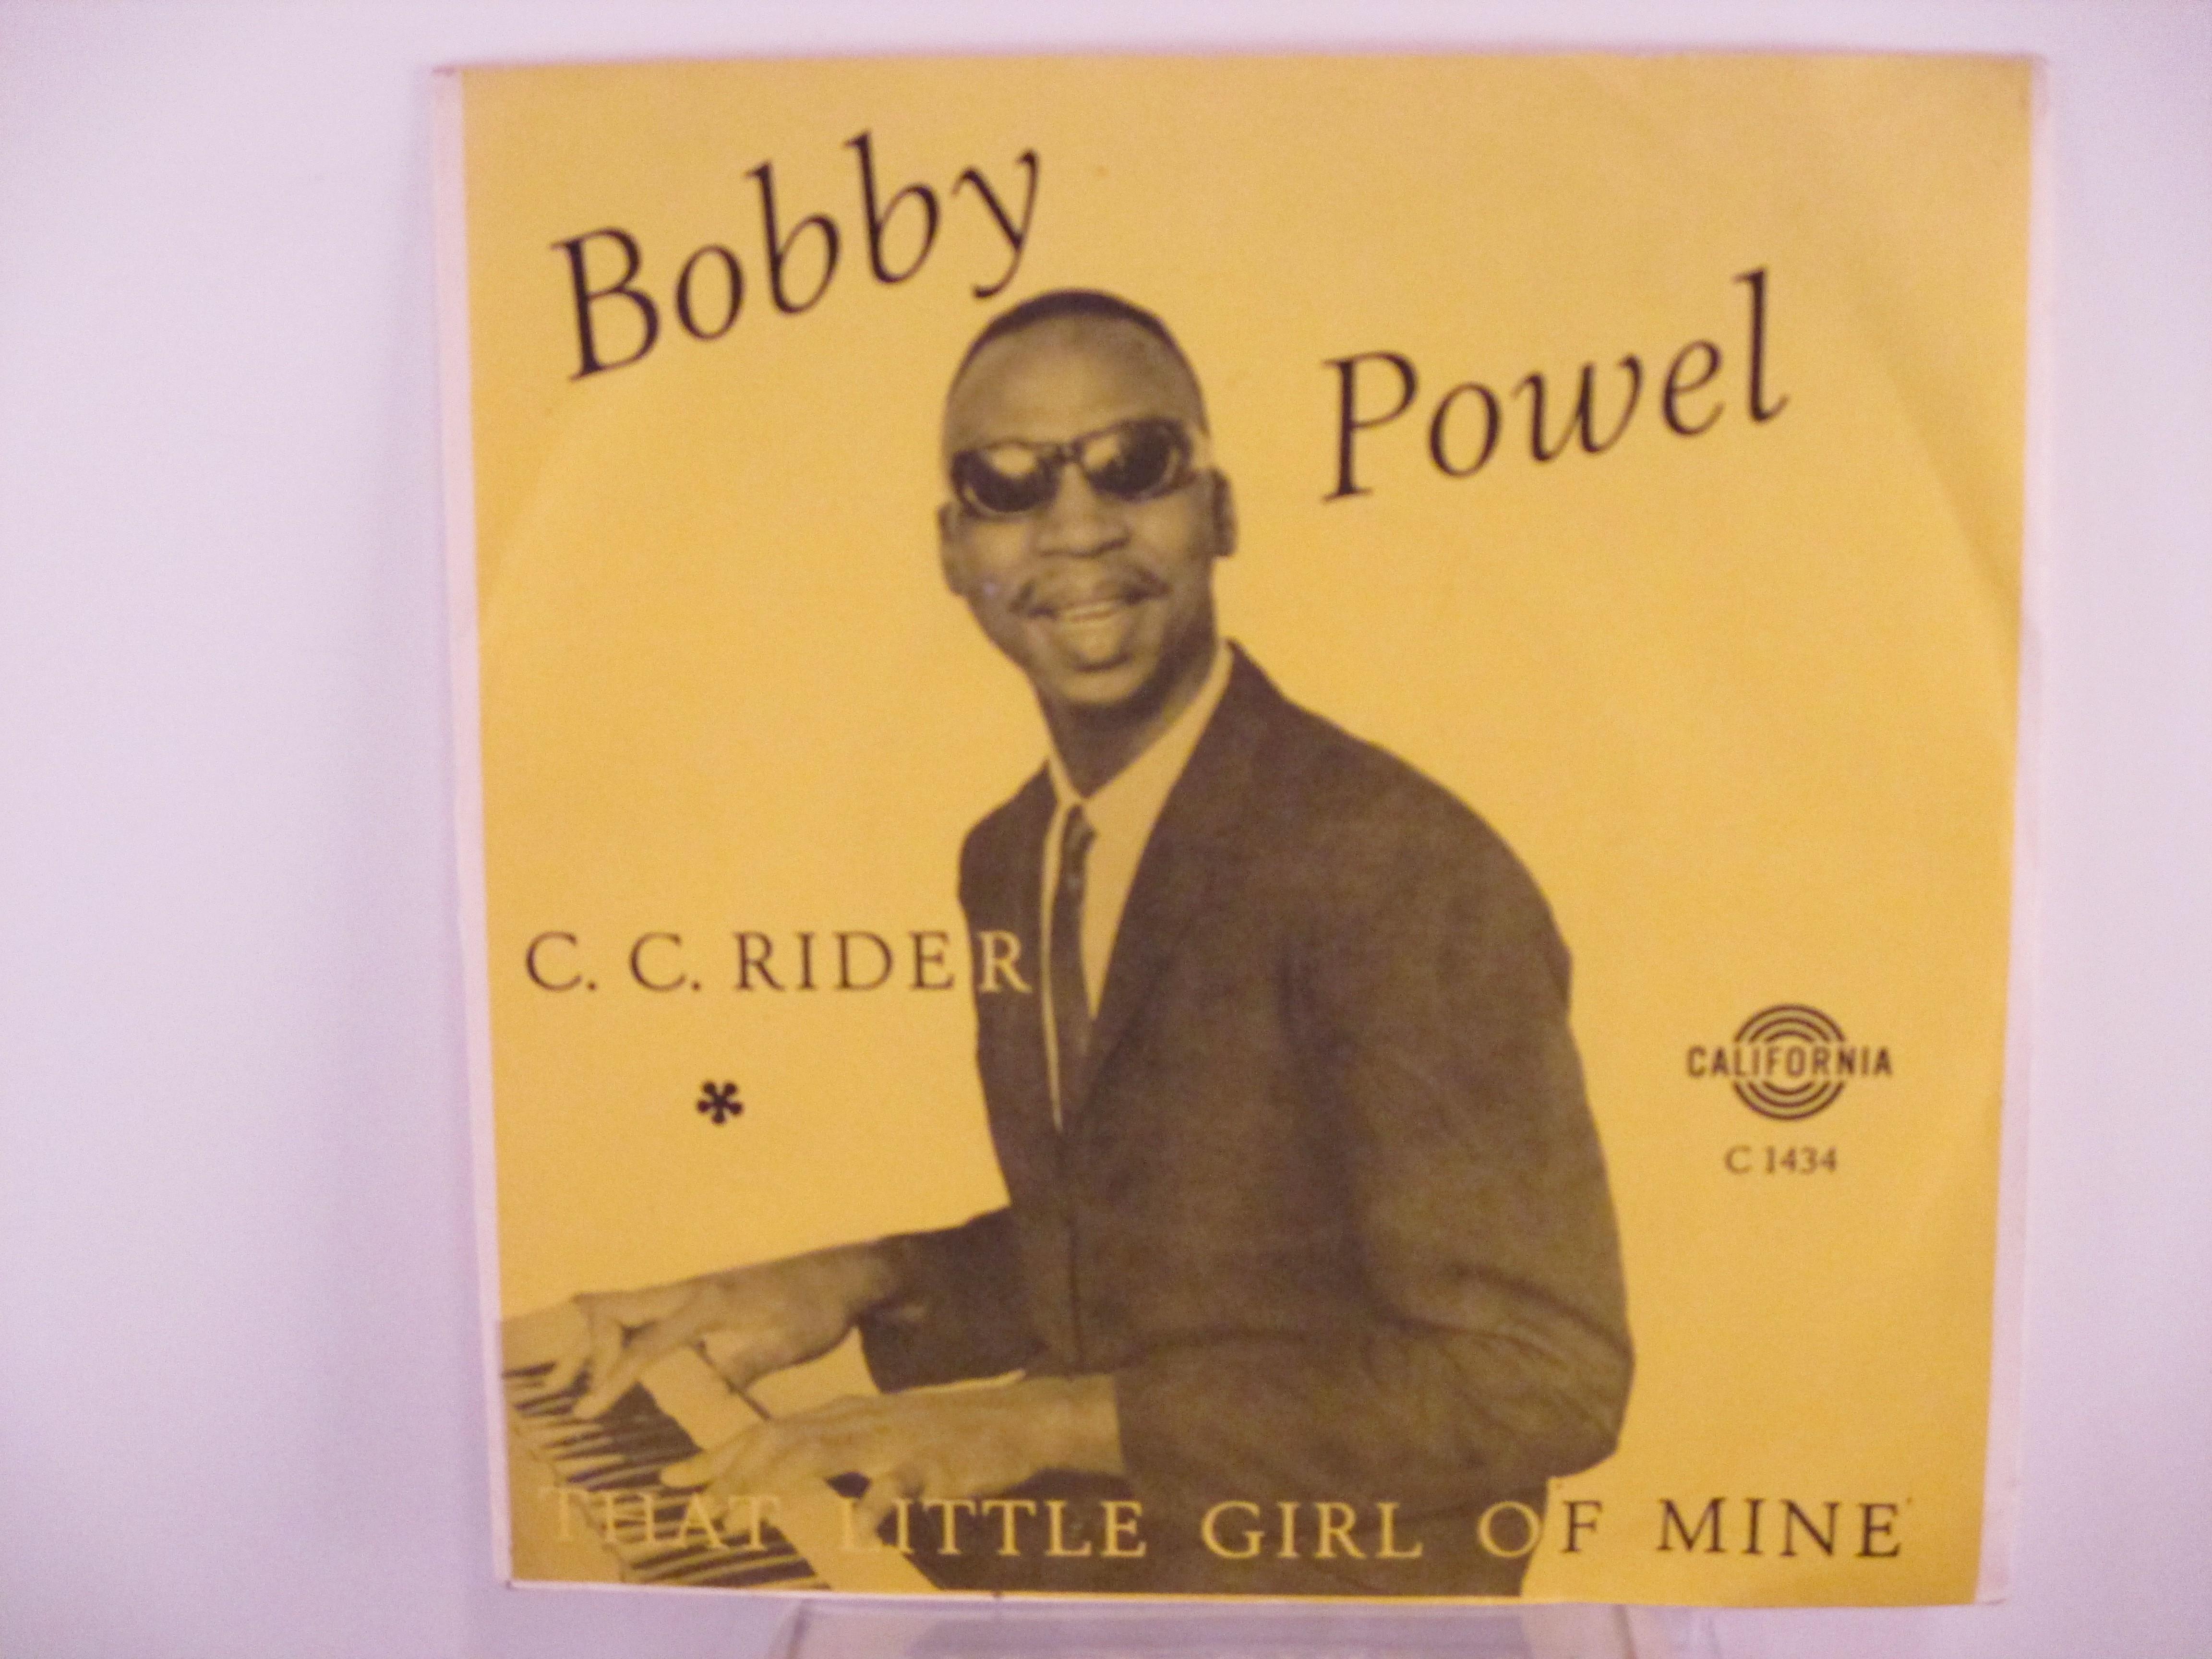 BOBBY POWEL :  That little girl of mine / C C rider